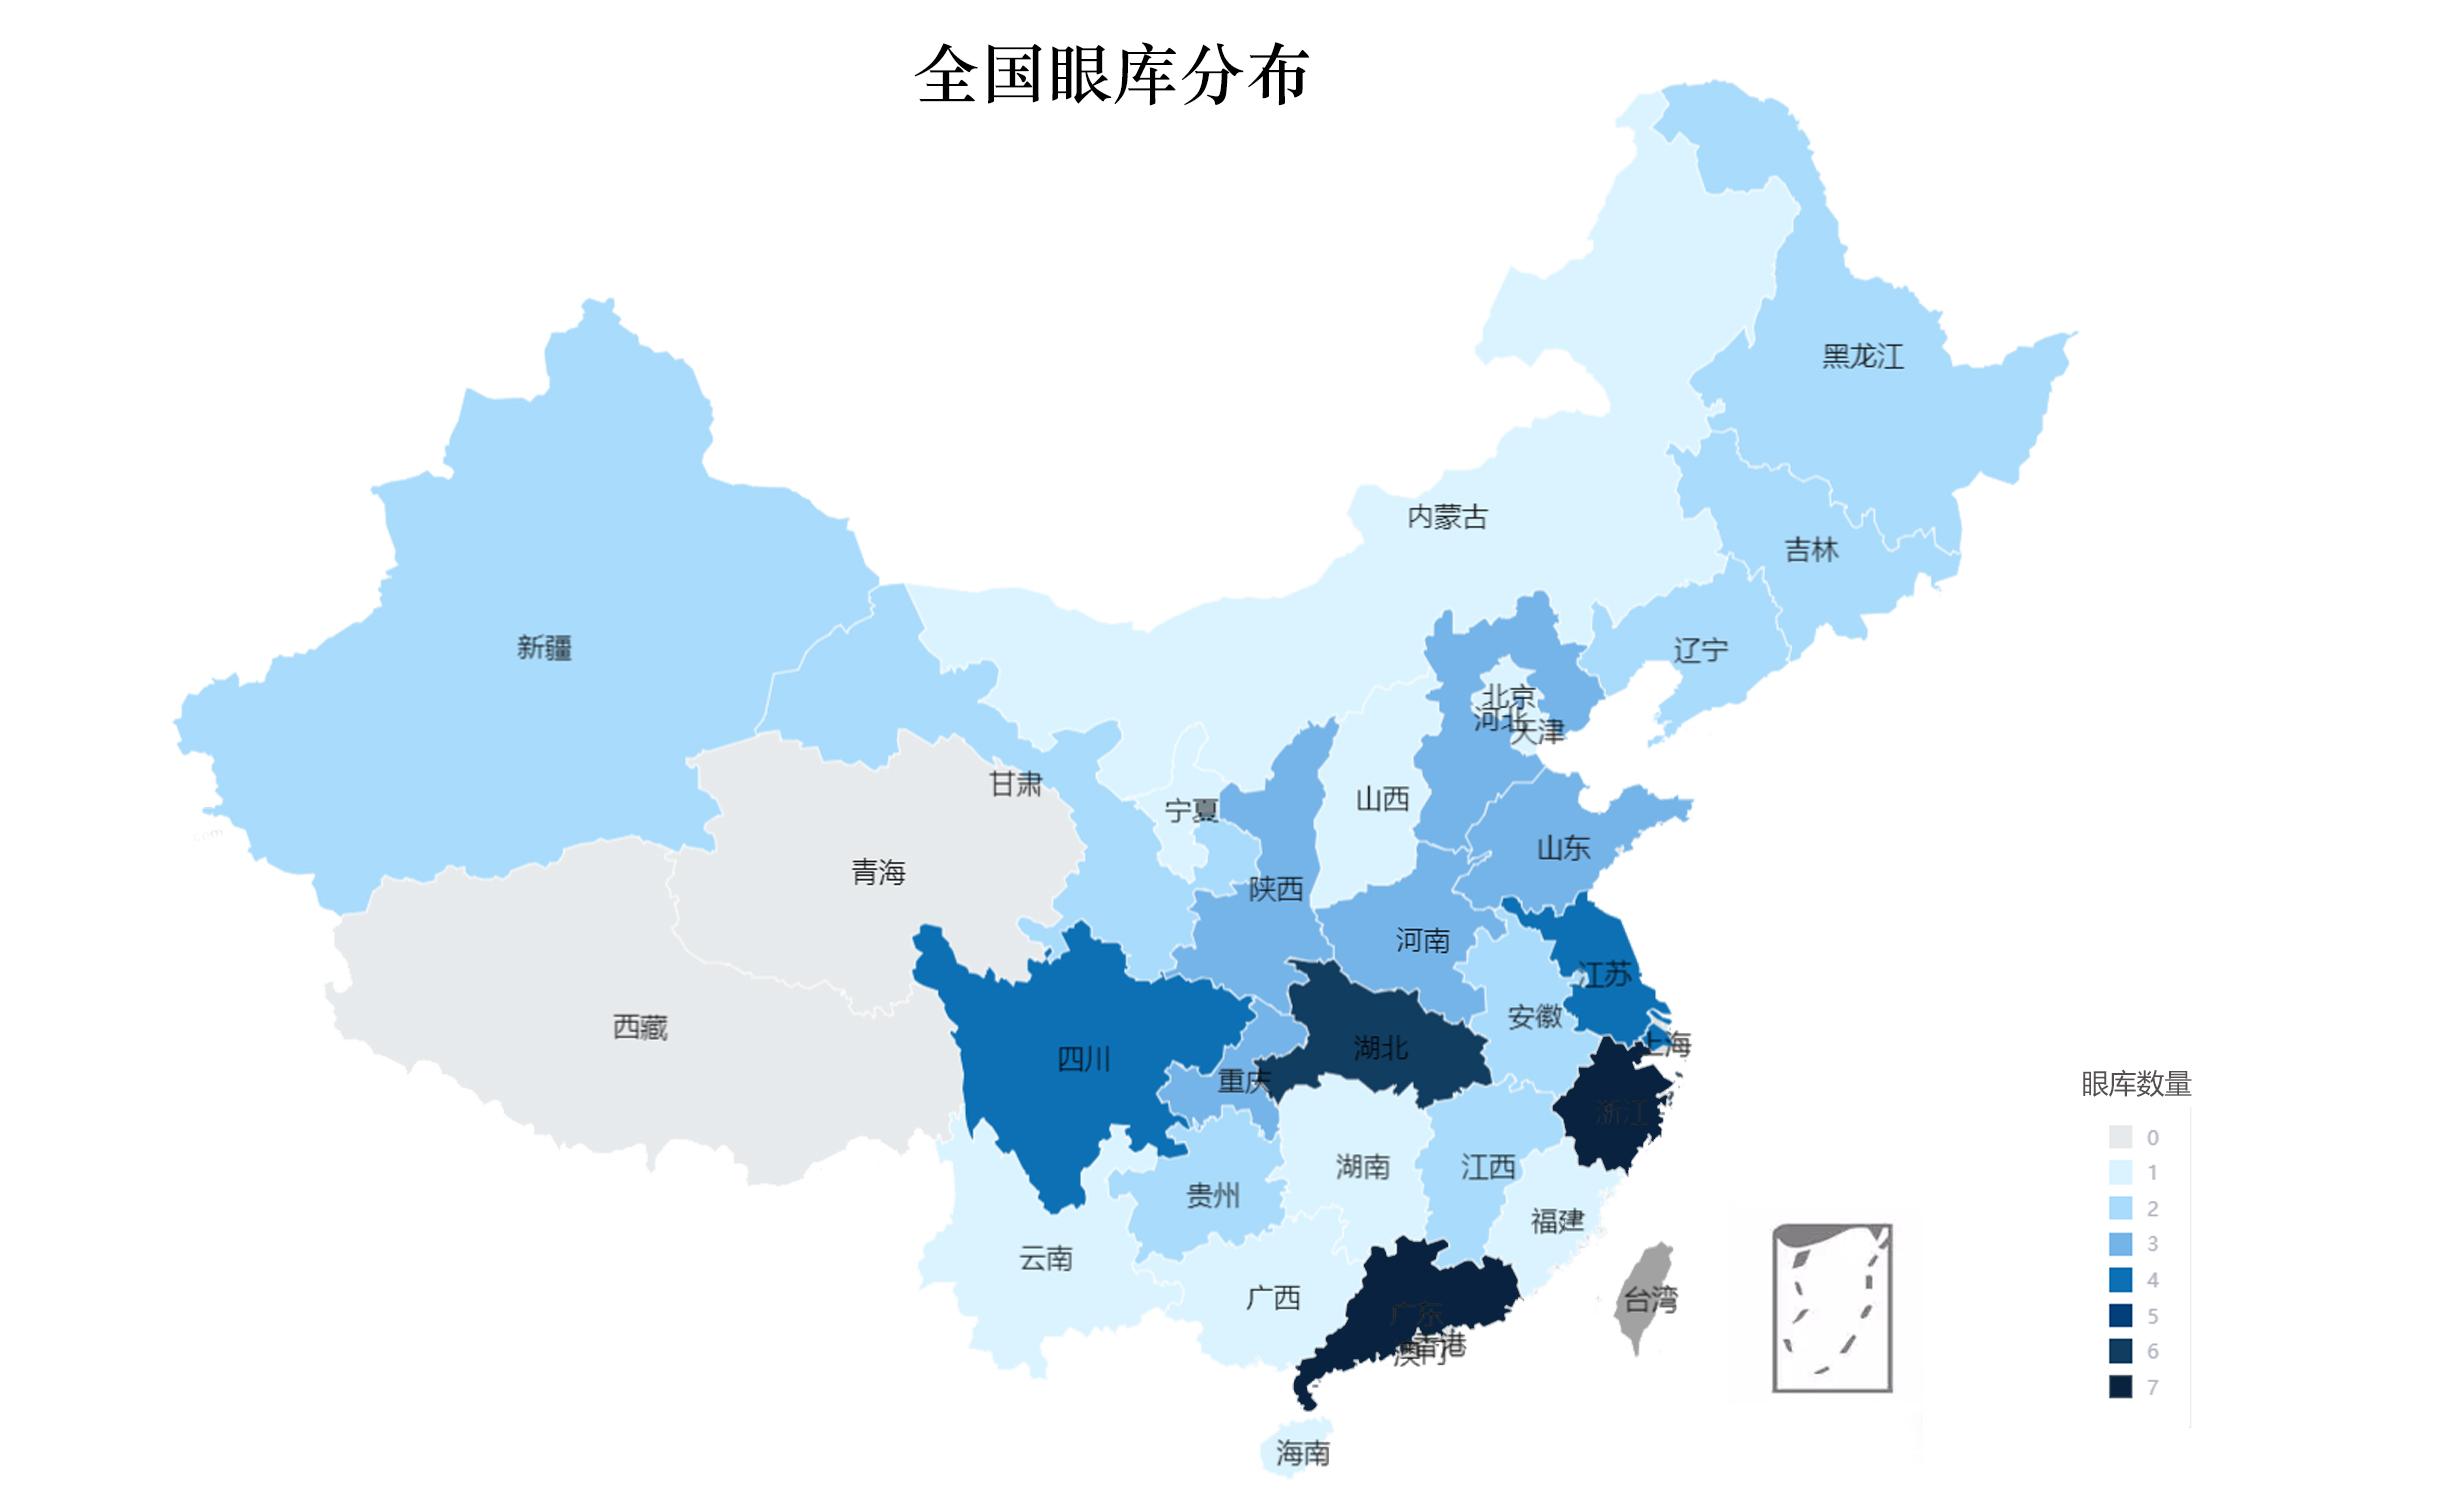 全国眼库分布 (数据来源:根据网络公开资料整理)